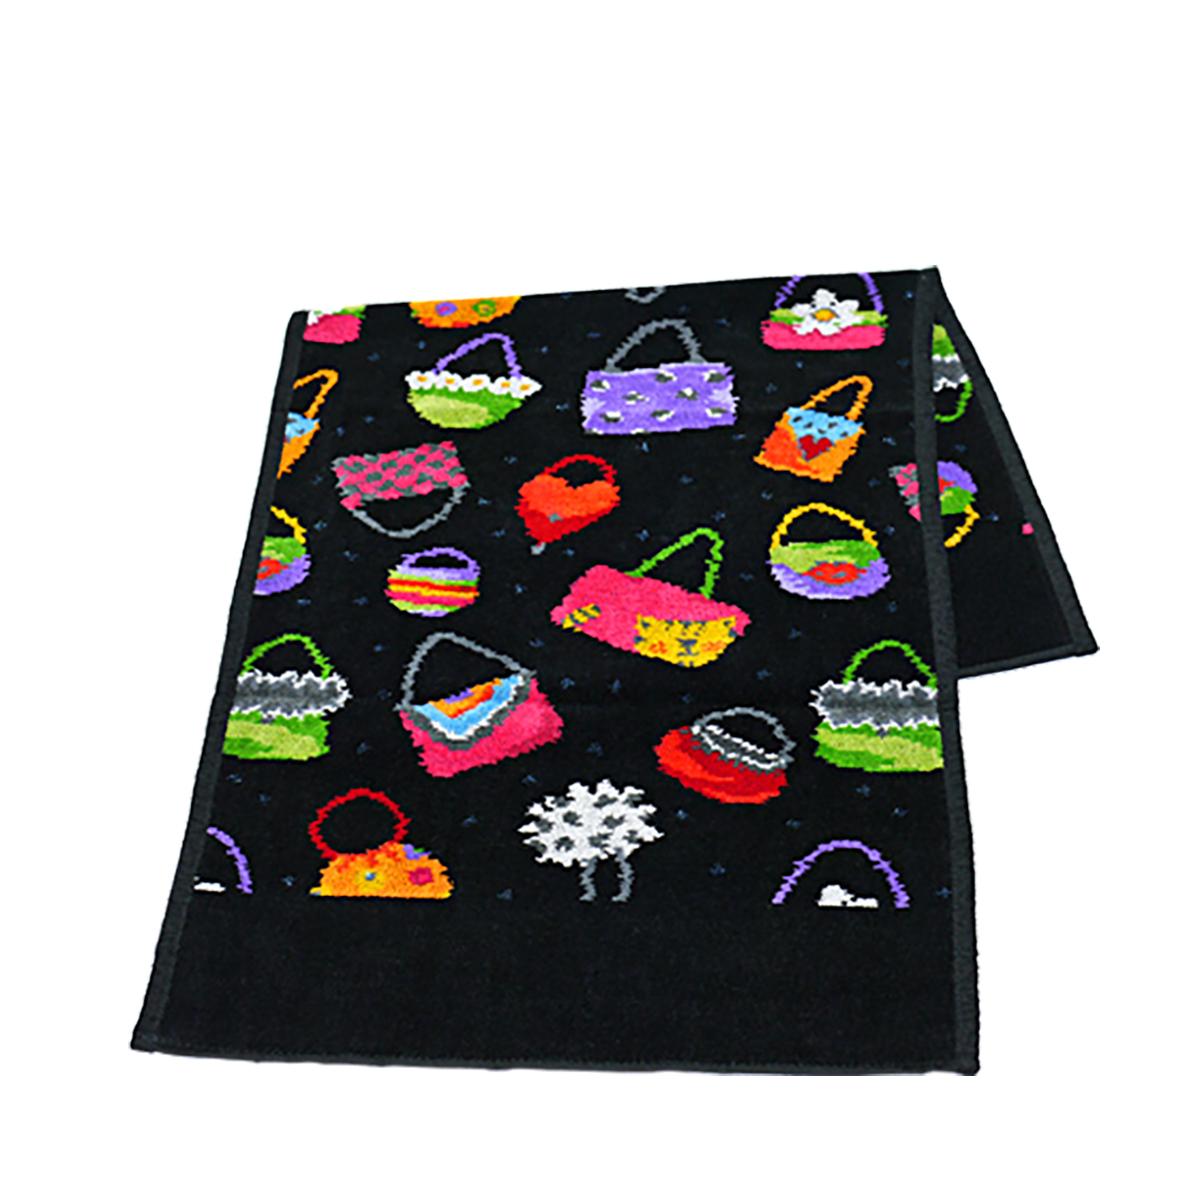 フェイラー 人気柄 プレゼント贈り物に大人気FEILER ギフト包装無料 ポイント3倍 9 10 ハンドタオル 37cm×80cm ギフト Crazy Towel 安い Chenille Bags クレイジーバッグ のし可 Guest 特価 FEILER